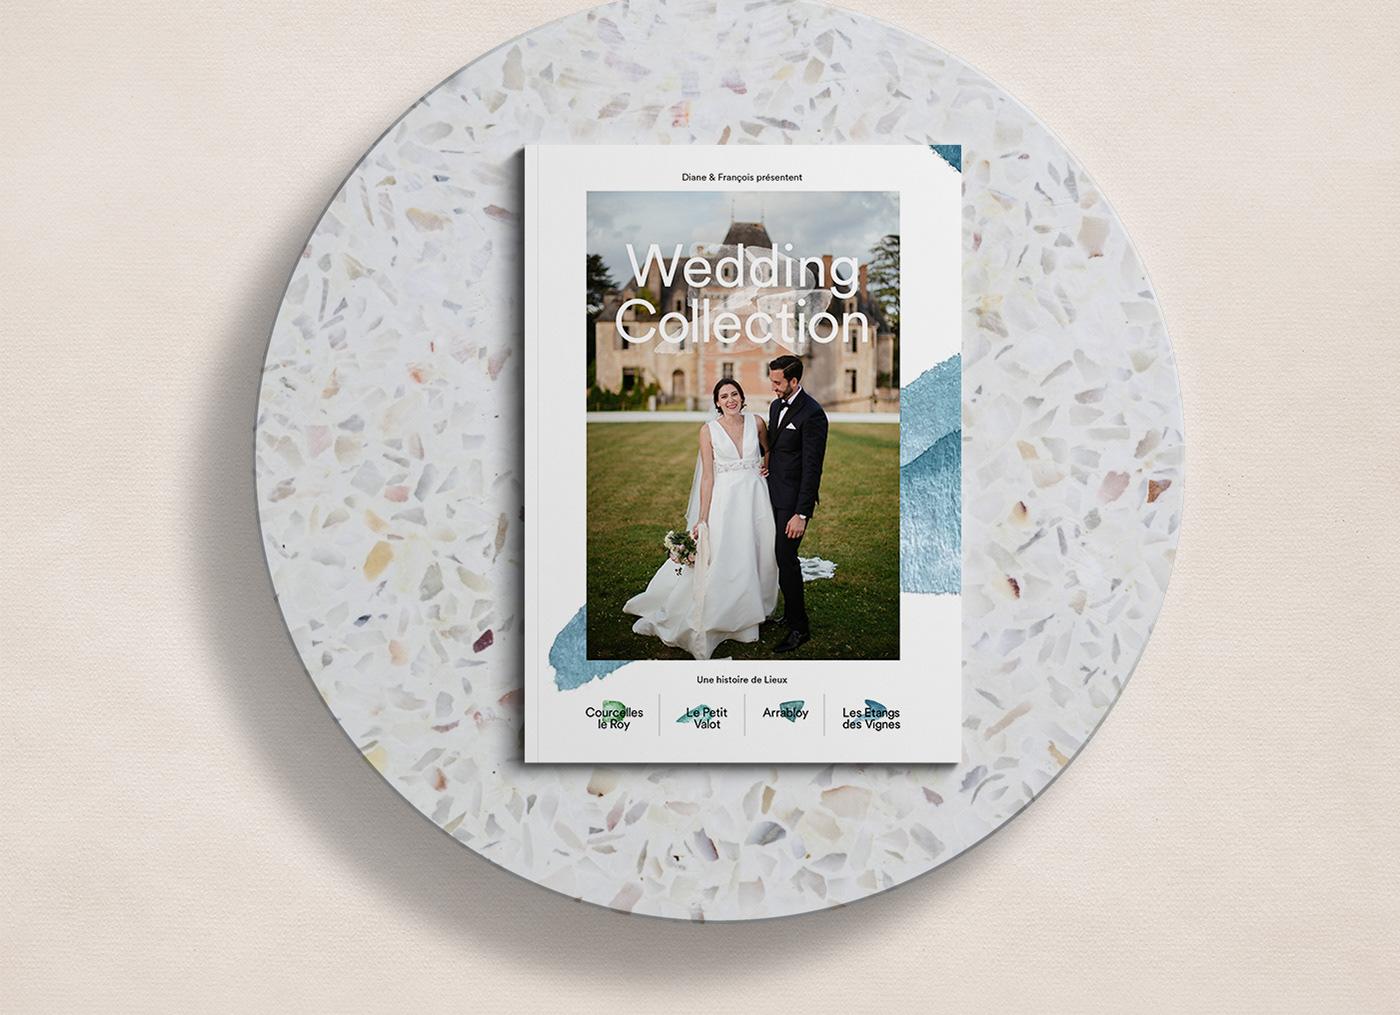 arrabloy courcelles le roy direction artistique identité Label le petit valot logo mariage reception wedding